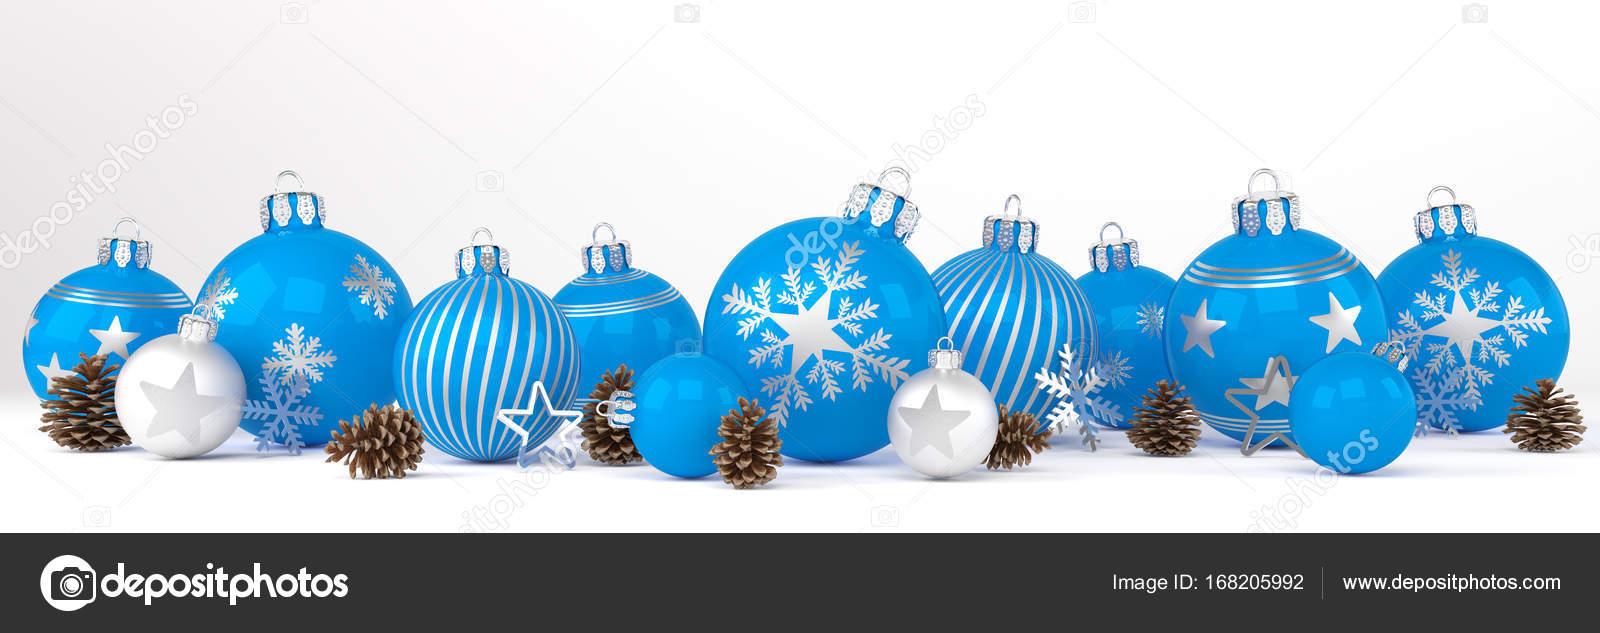 Weihnachtskugeln Blau.3d Render Blau Und Silber Weihnachtskugeln über Weißer Hintergrund